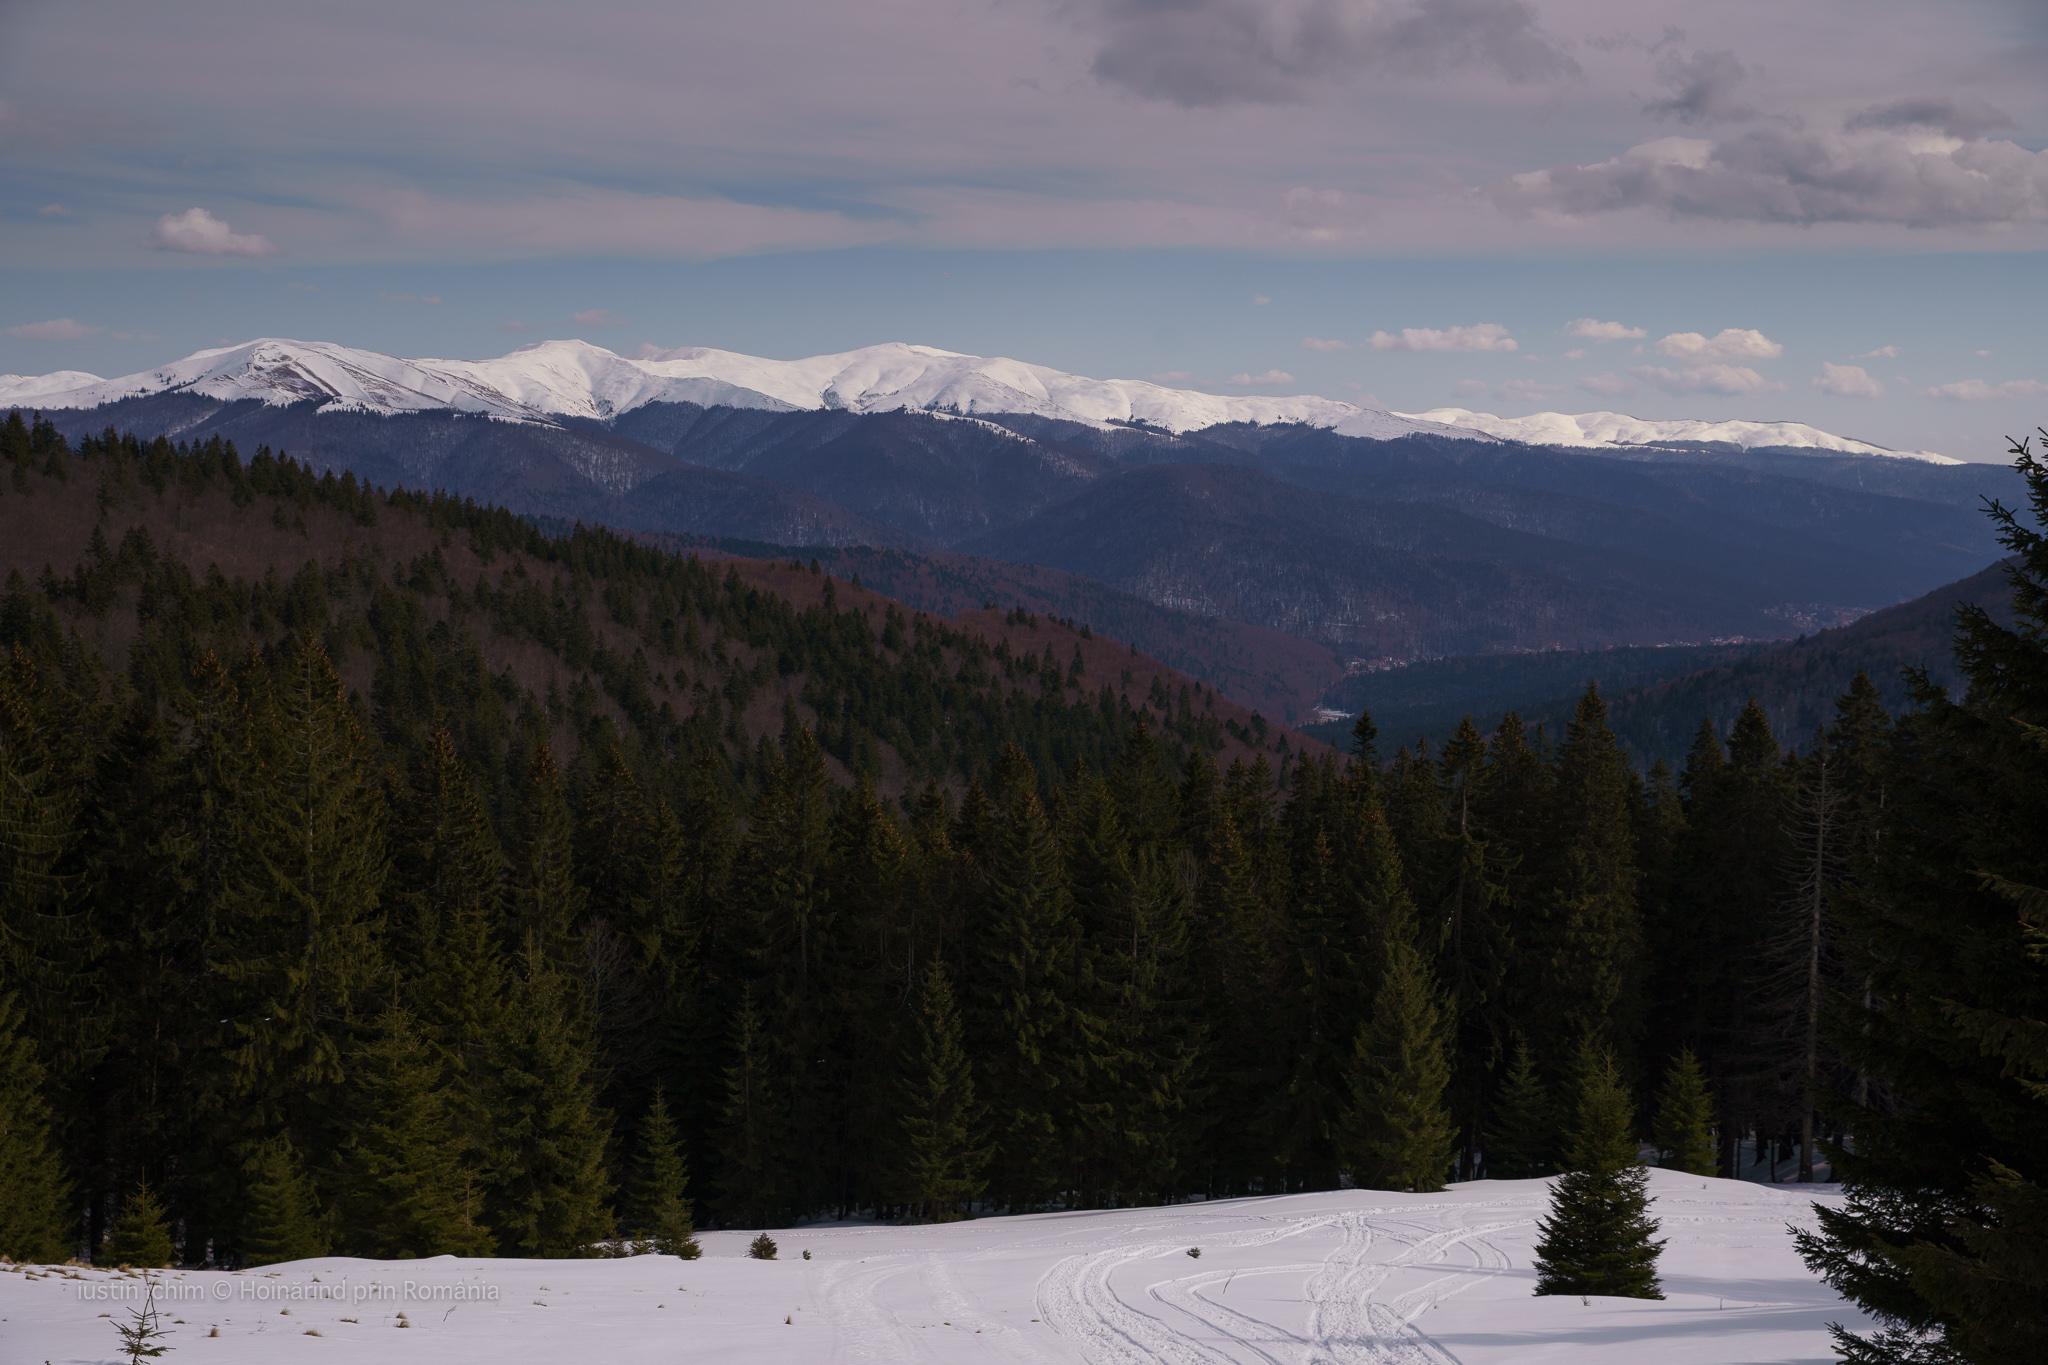 Munții Baiului, in depărtare